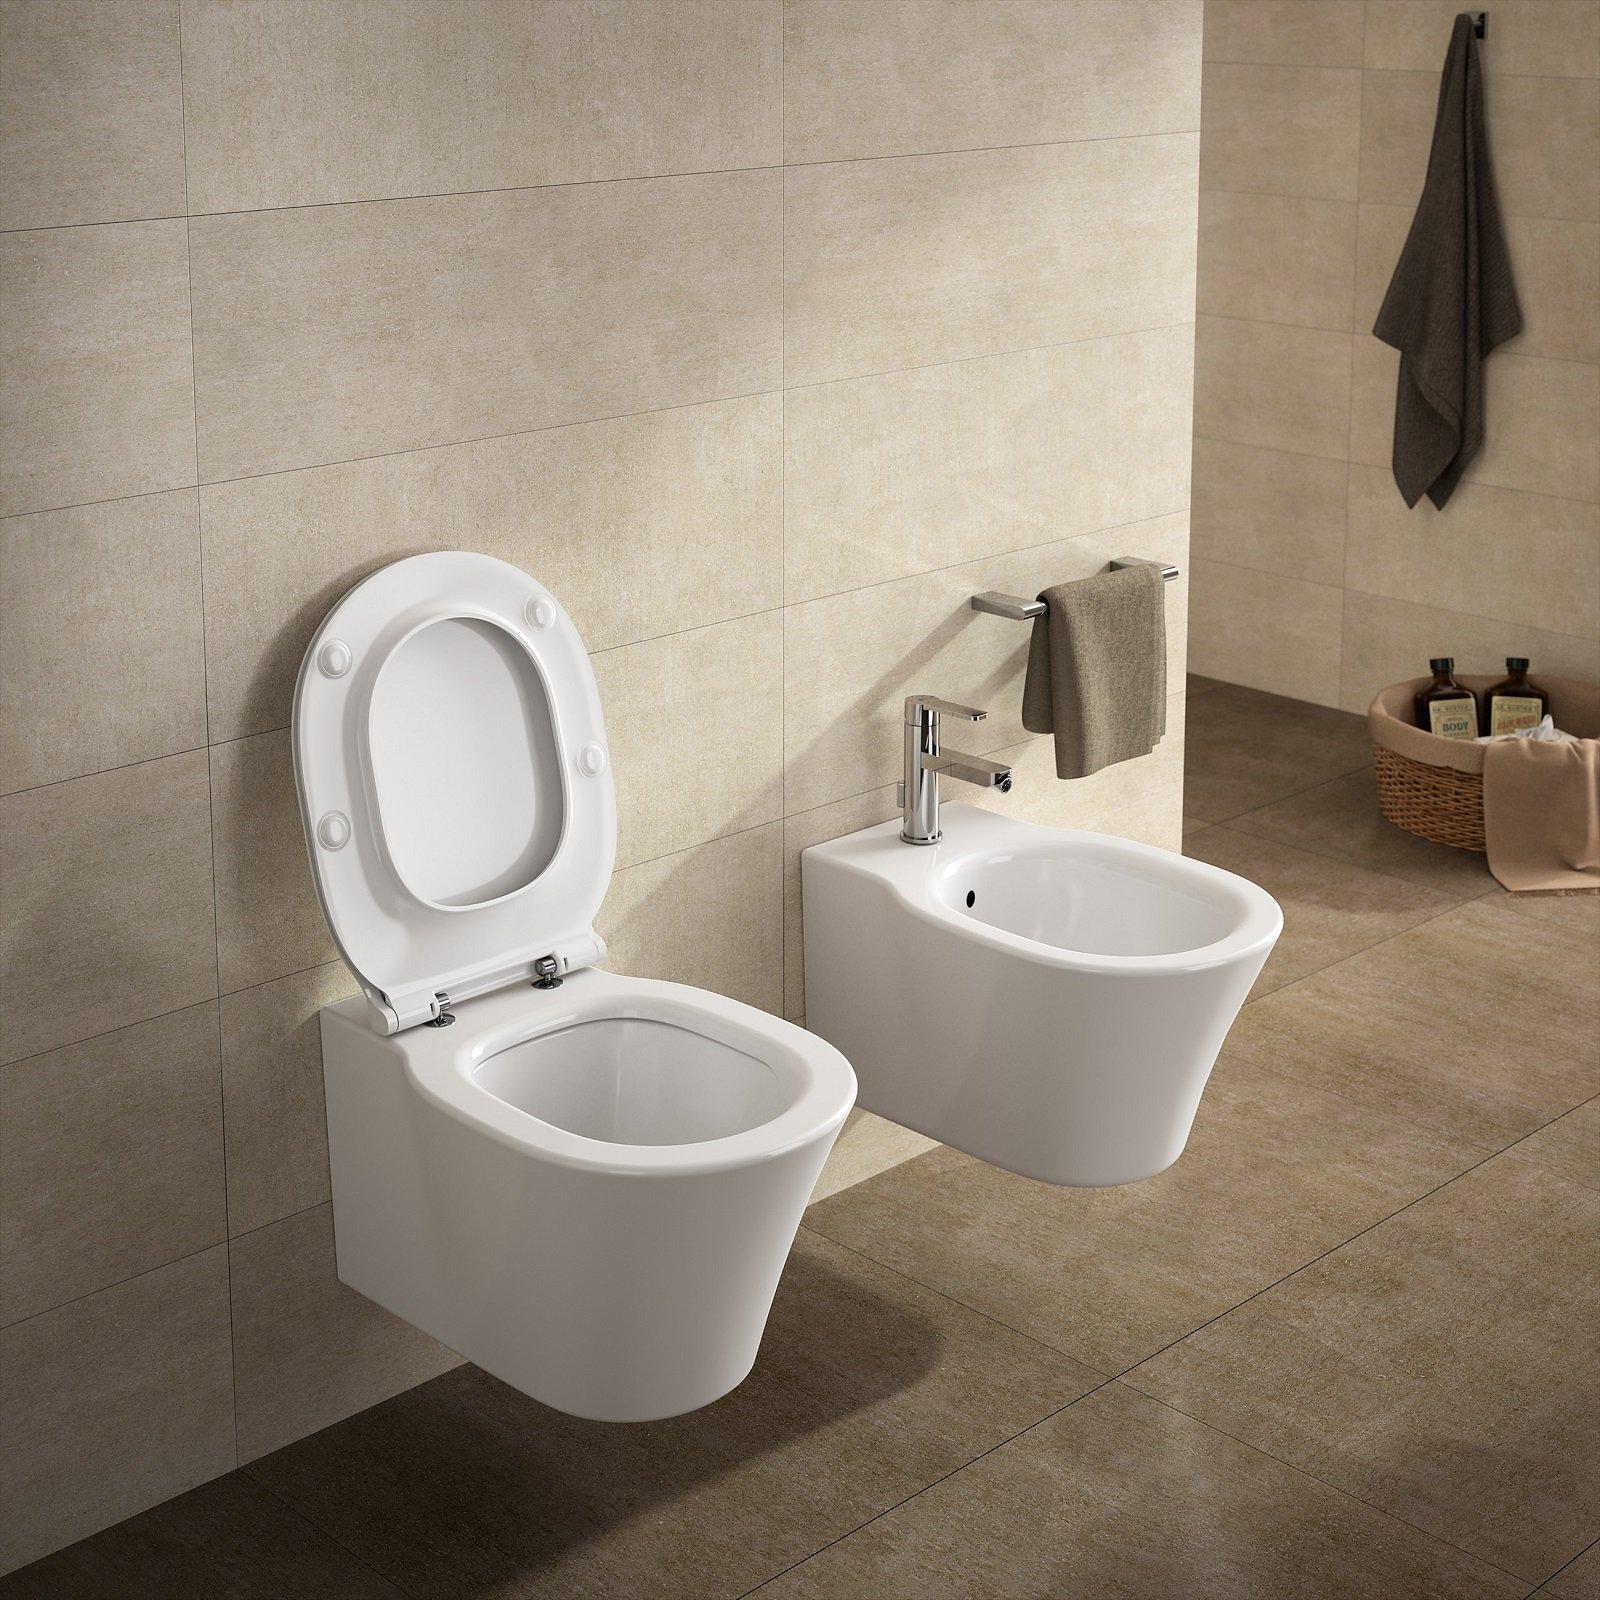 Water senza brida: estetica e maggiore igiene - Cose di Casa